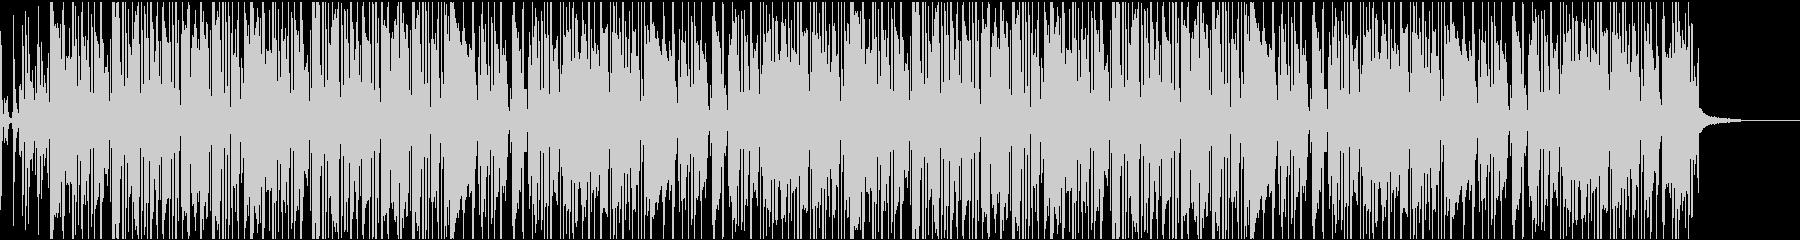 飄々としたエレピのファンクの未再生の波形